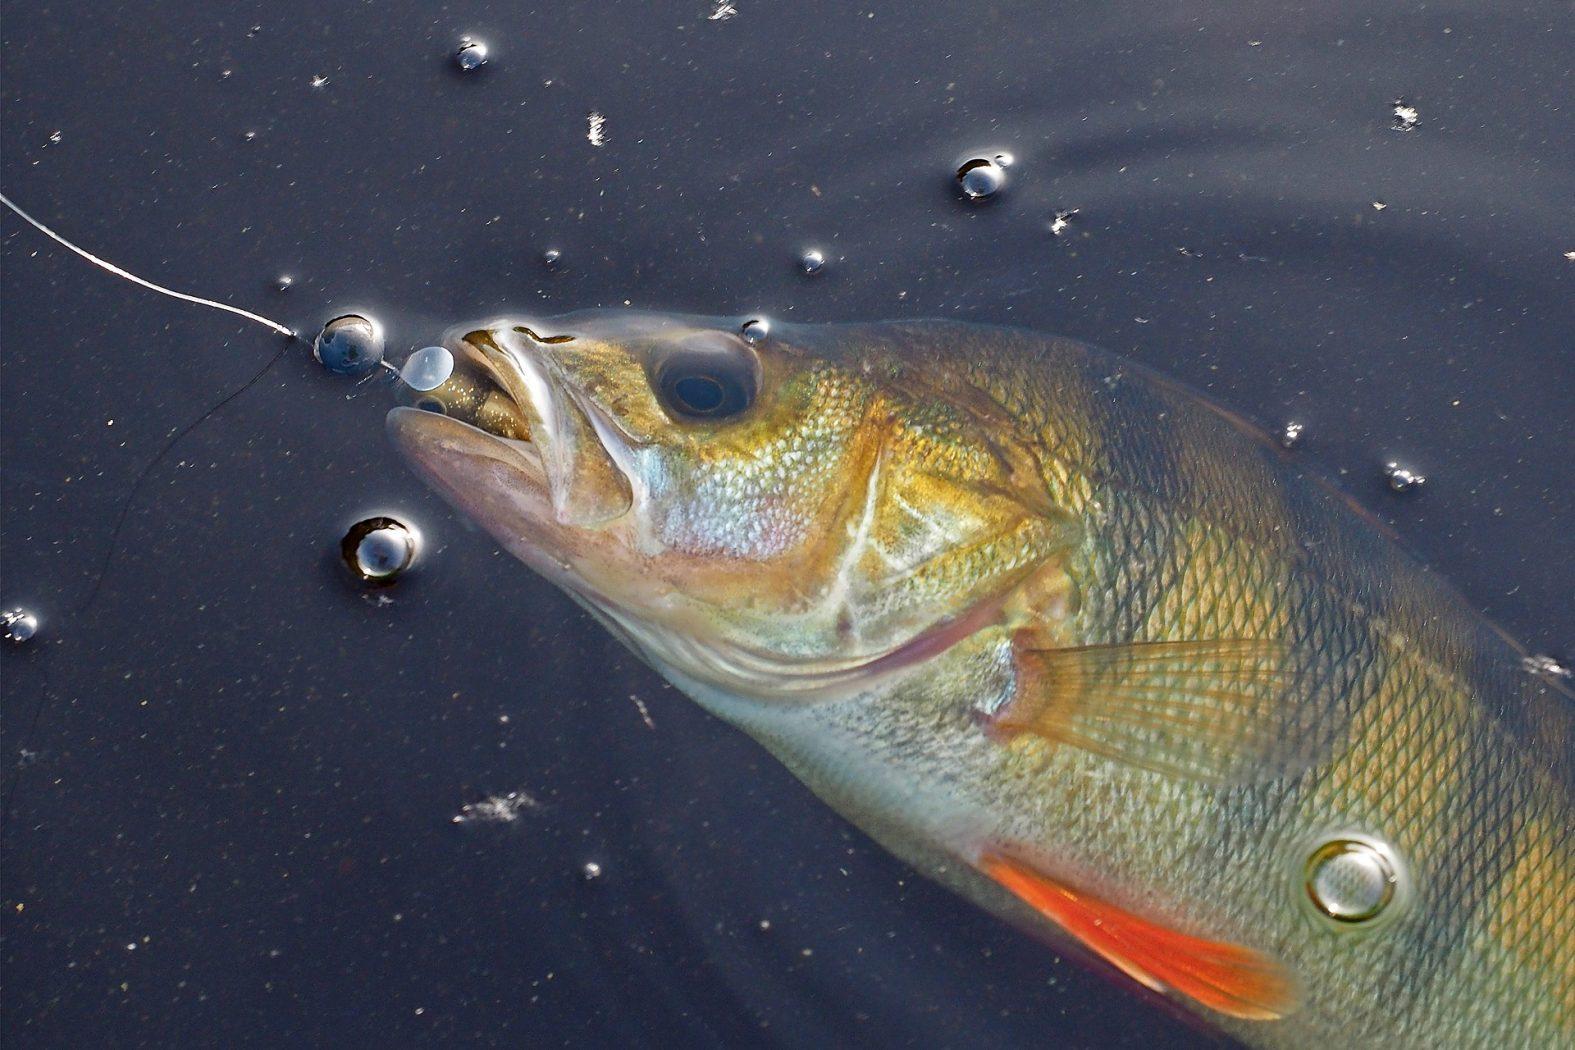 Gummifisch angeln auf Barsche